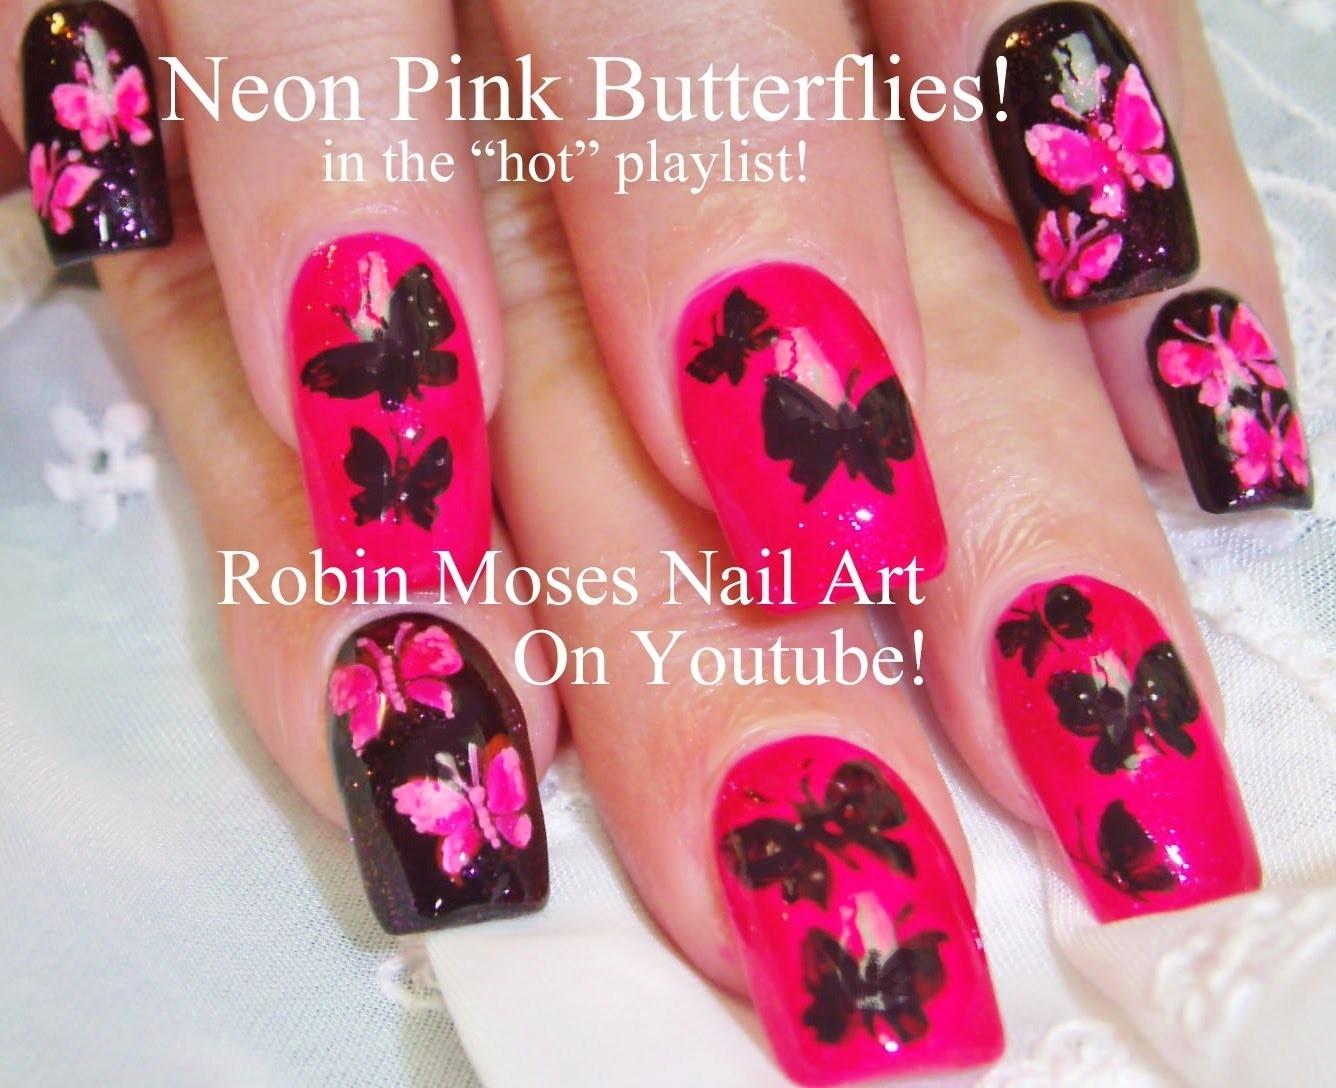 4 Nail Art Tutorials | DIY Mix N Match | Neon Pink & Black Butterfly Design